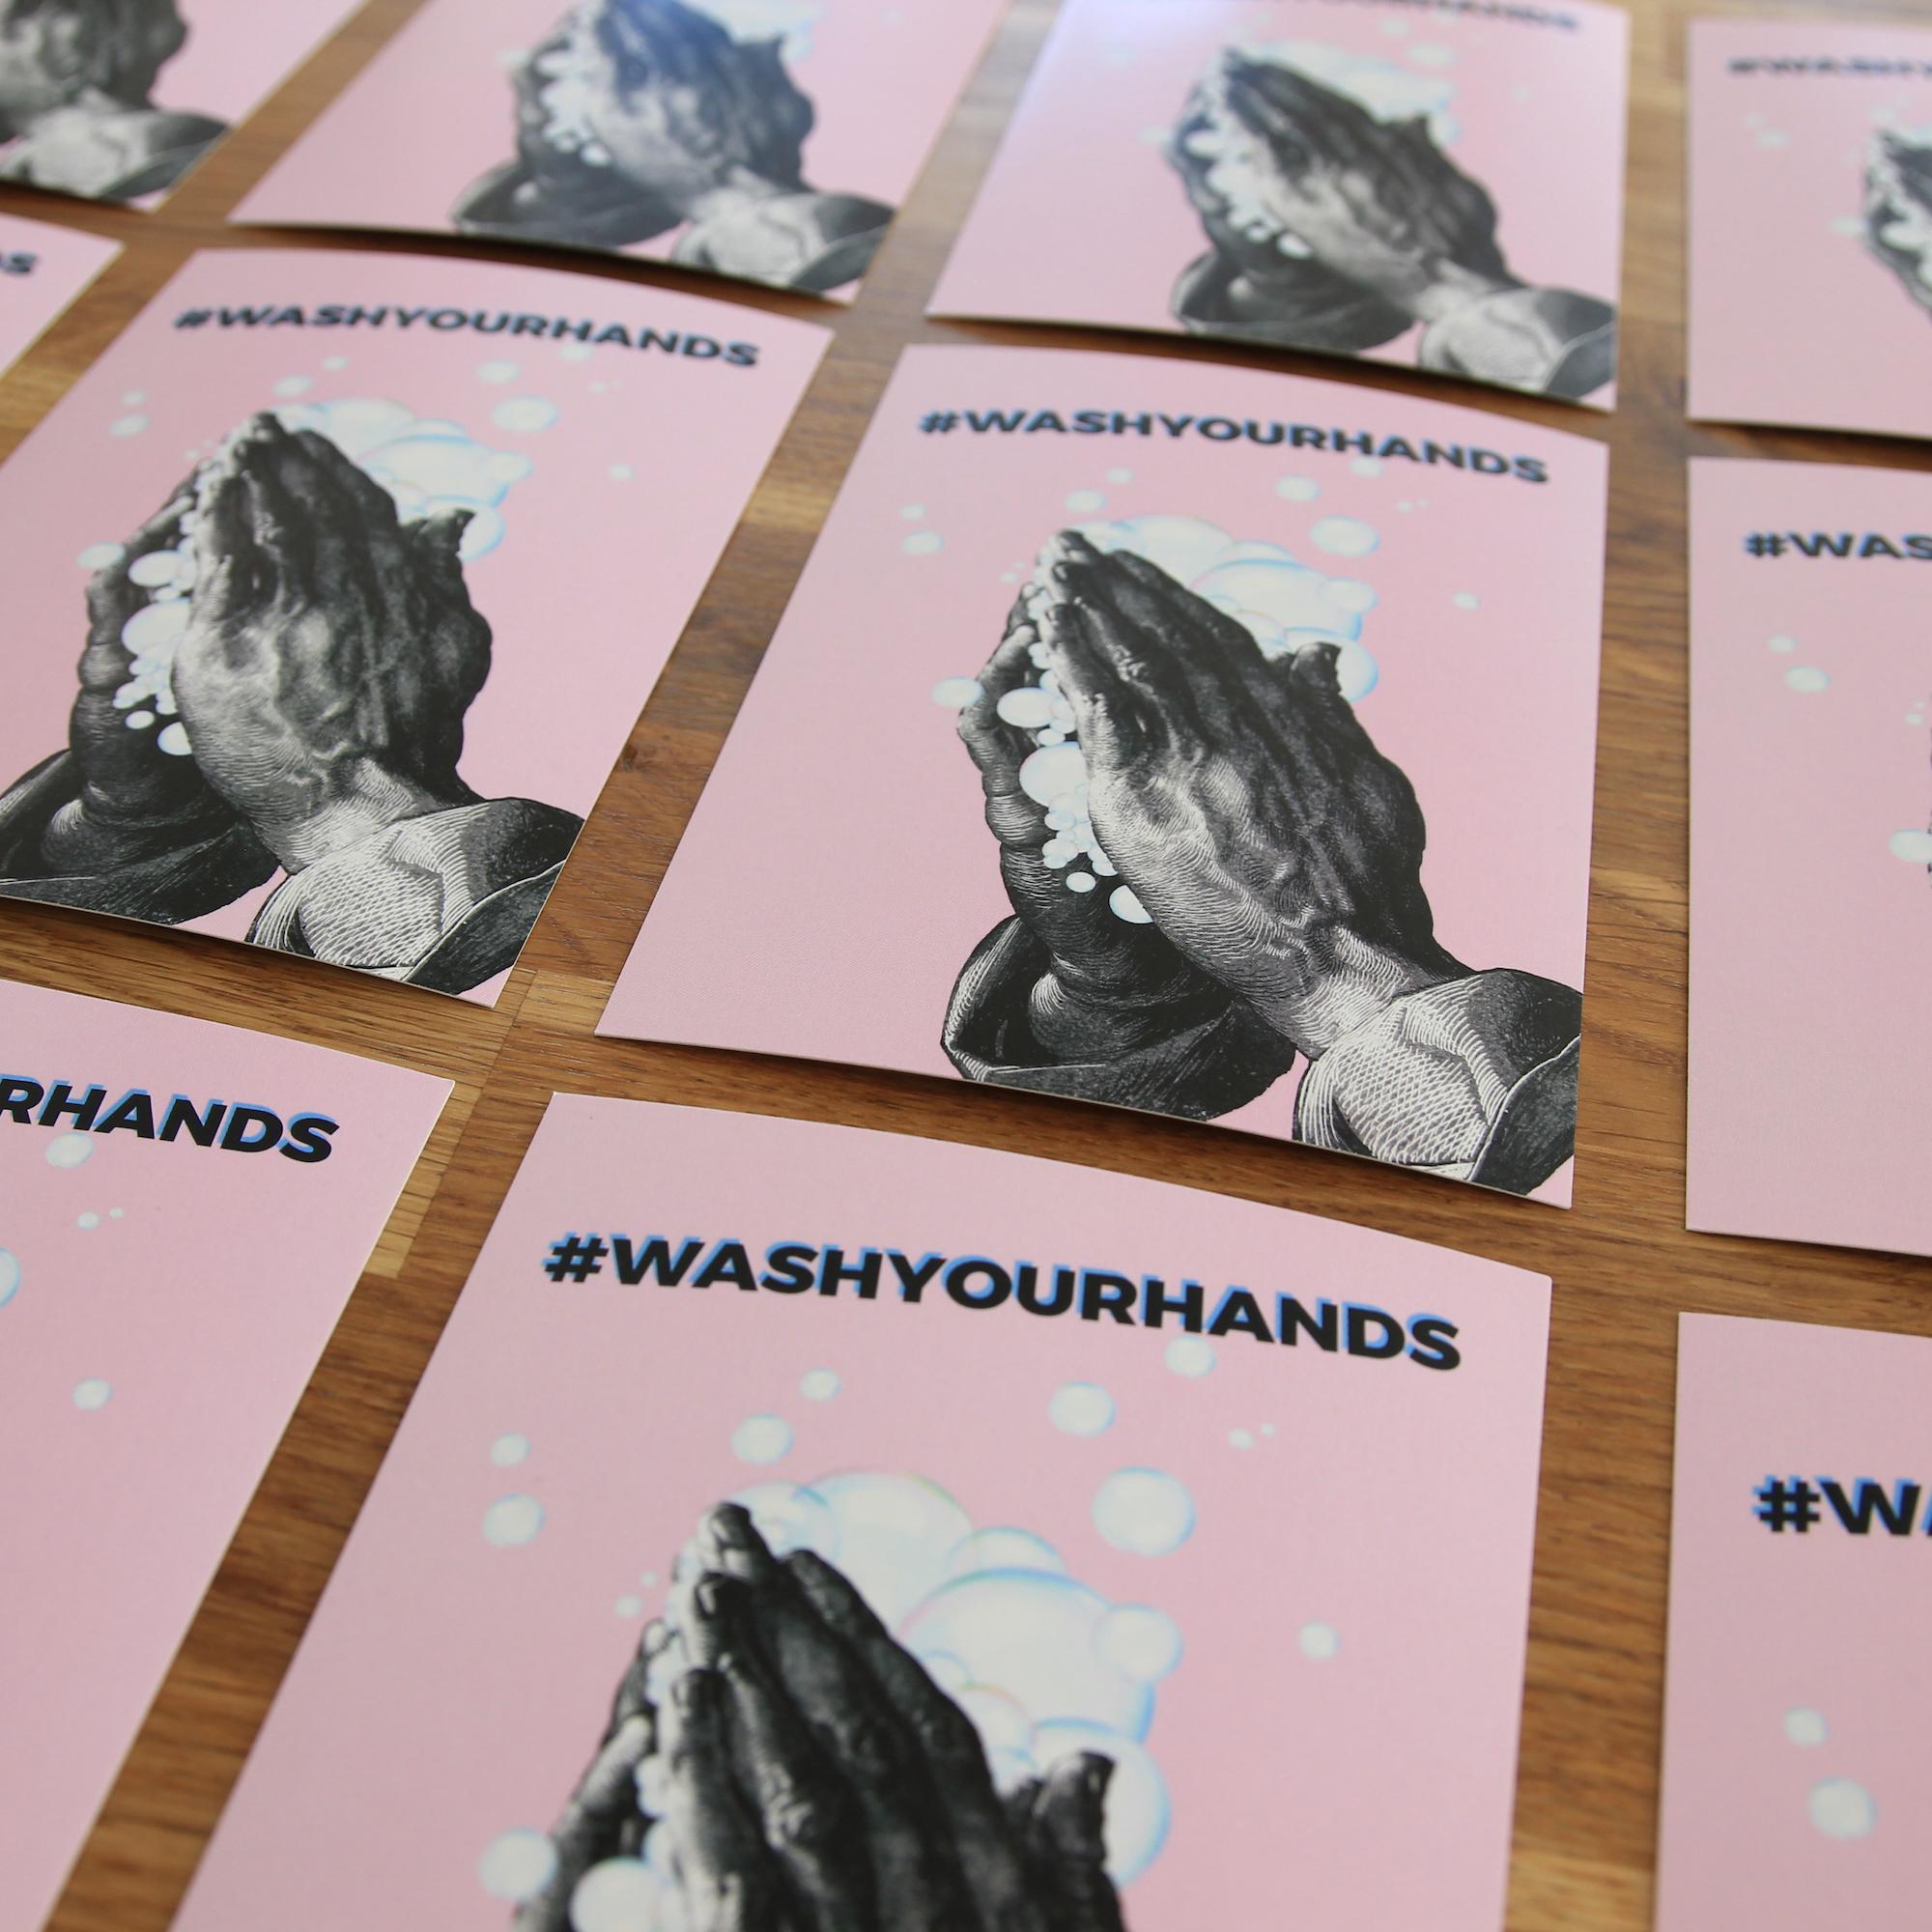 Postkarte #washyourhands